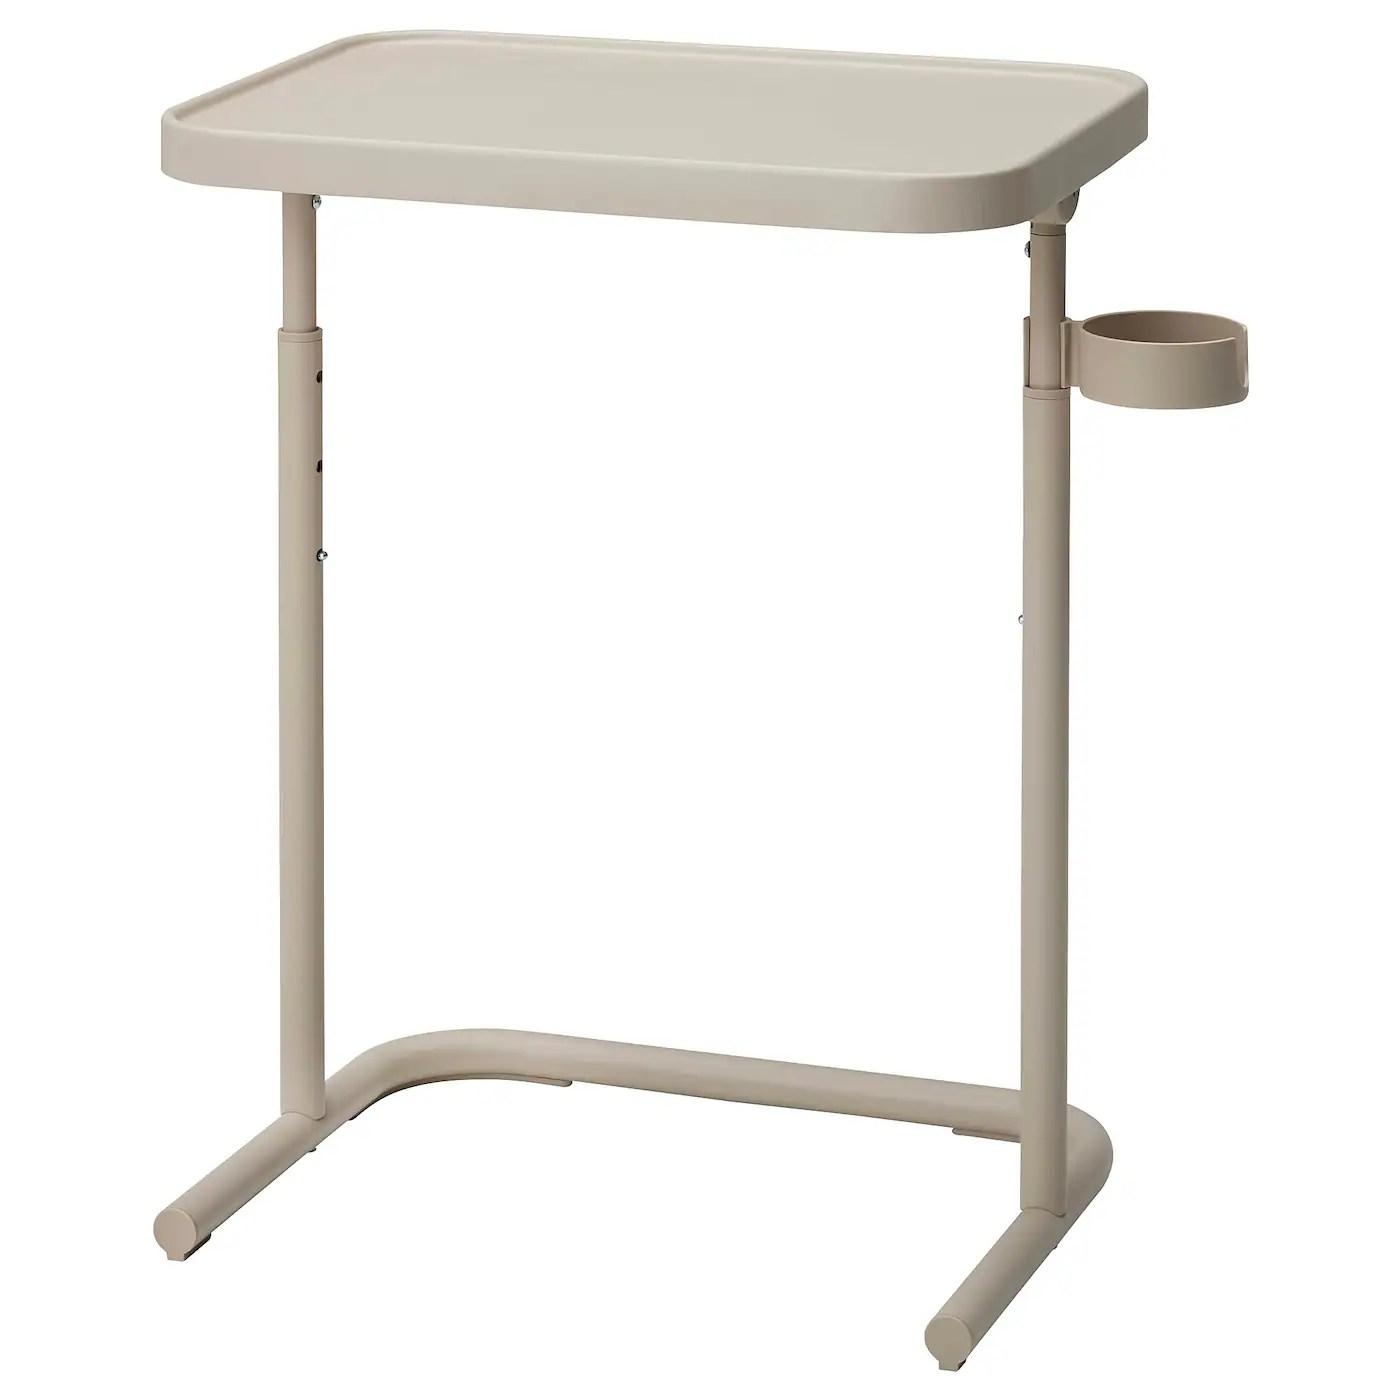 Bjorkasen Table Pour Ordinateur Portable Beige Ikea